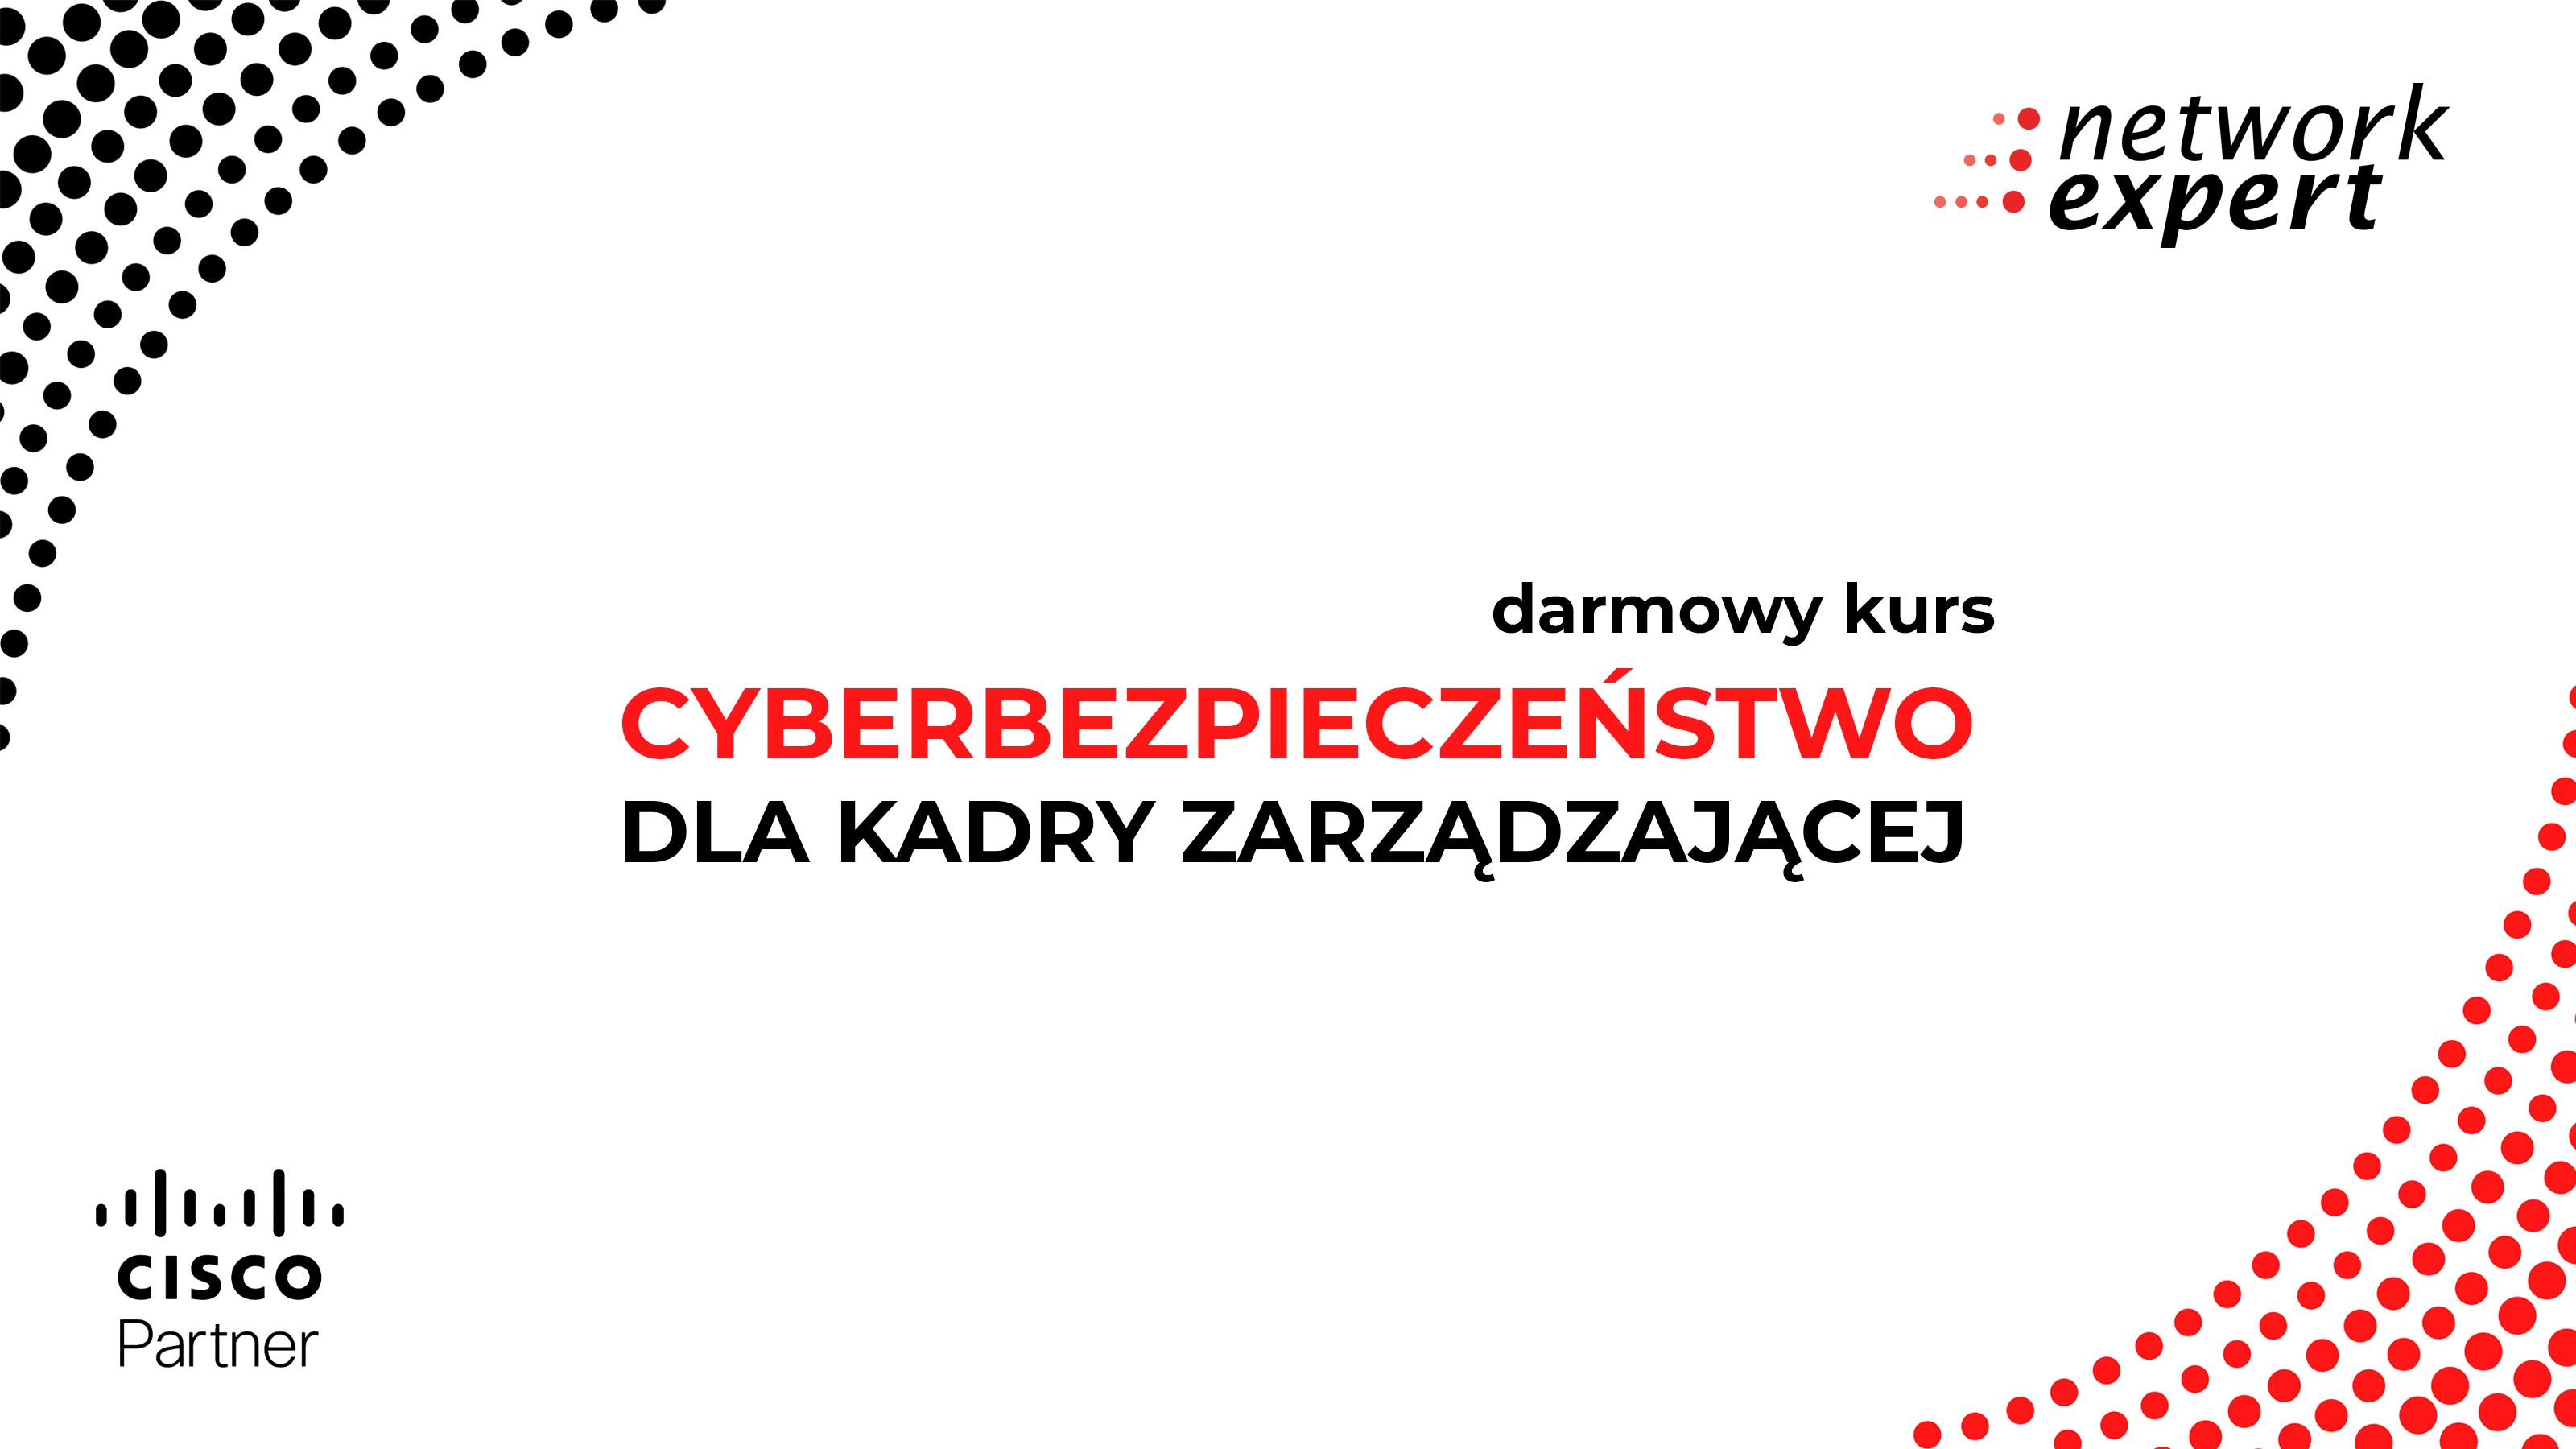 Darmowy kurs Cyberbezpieczeństwo dla kadry zarządzającej